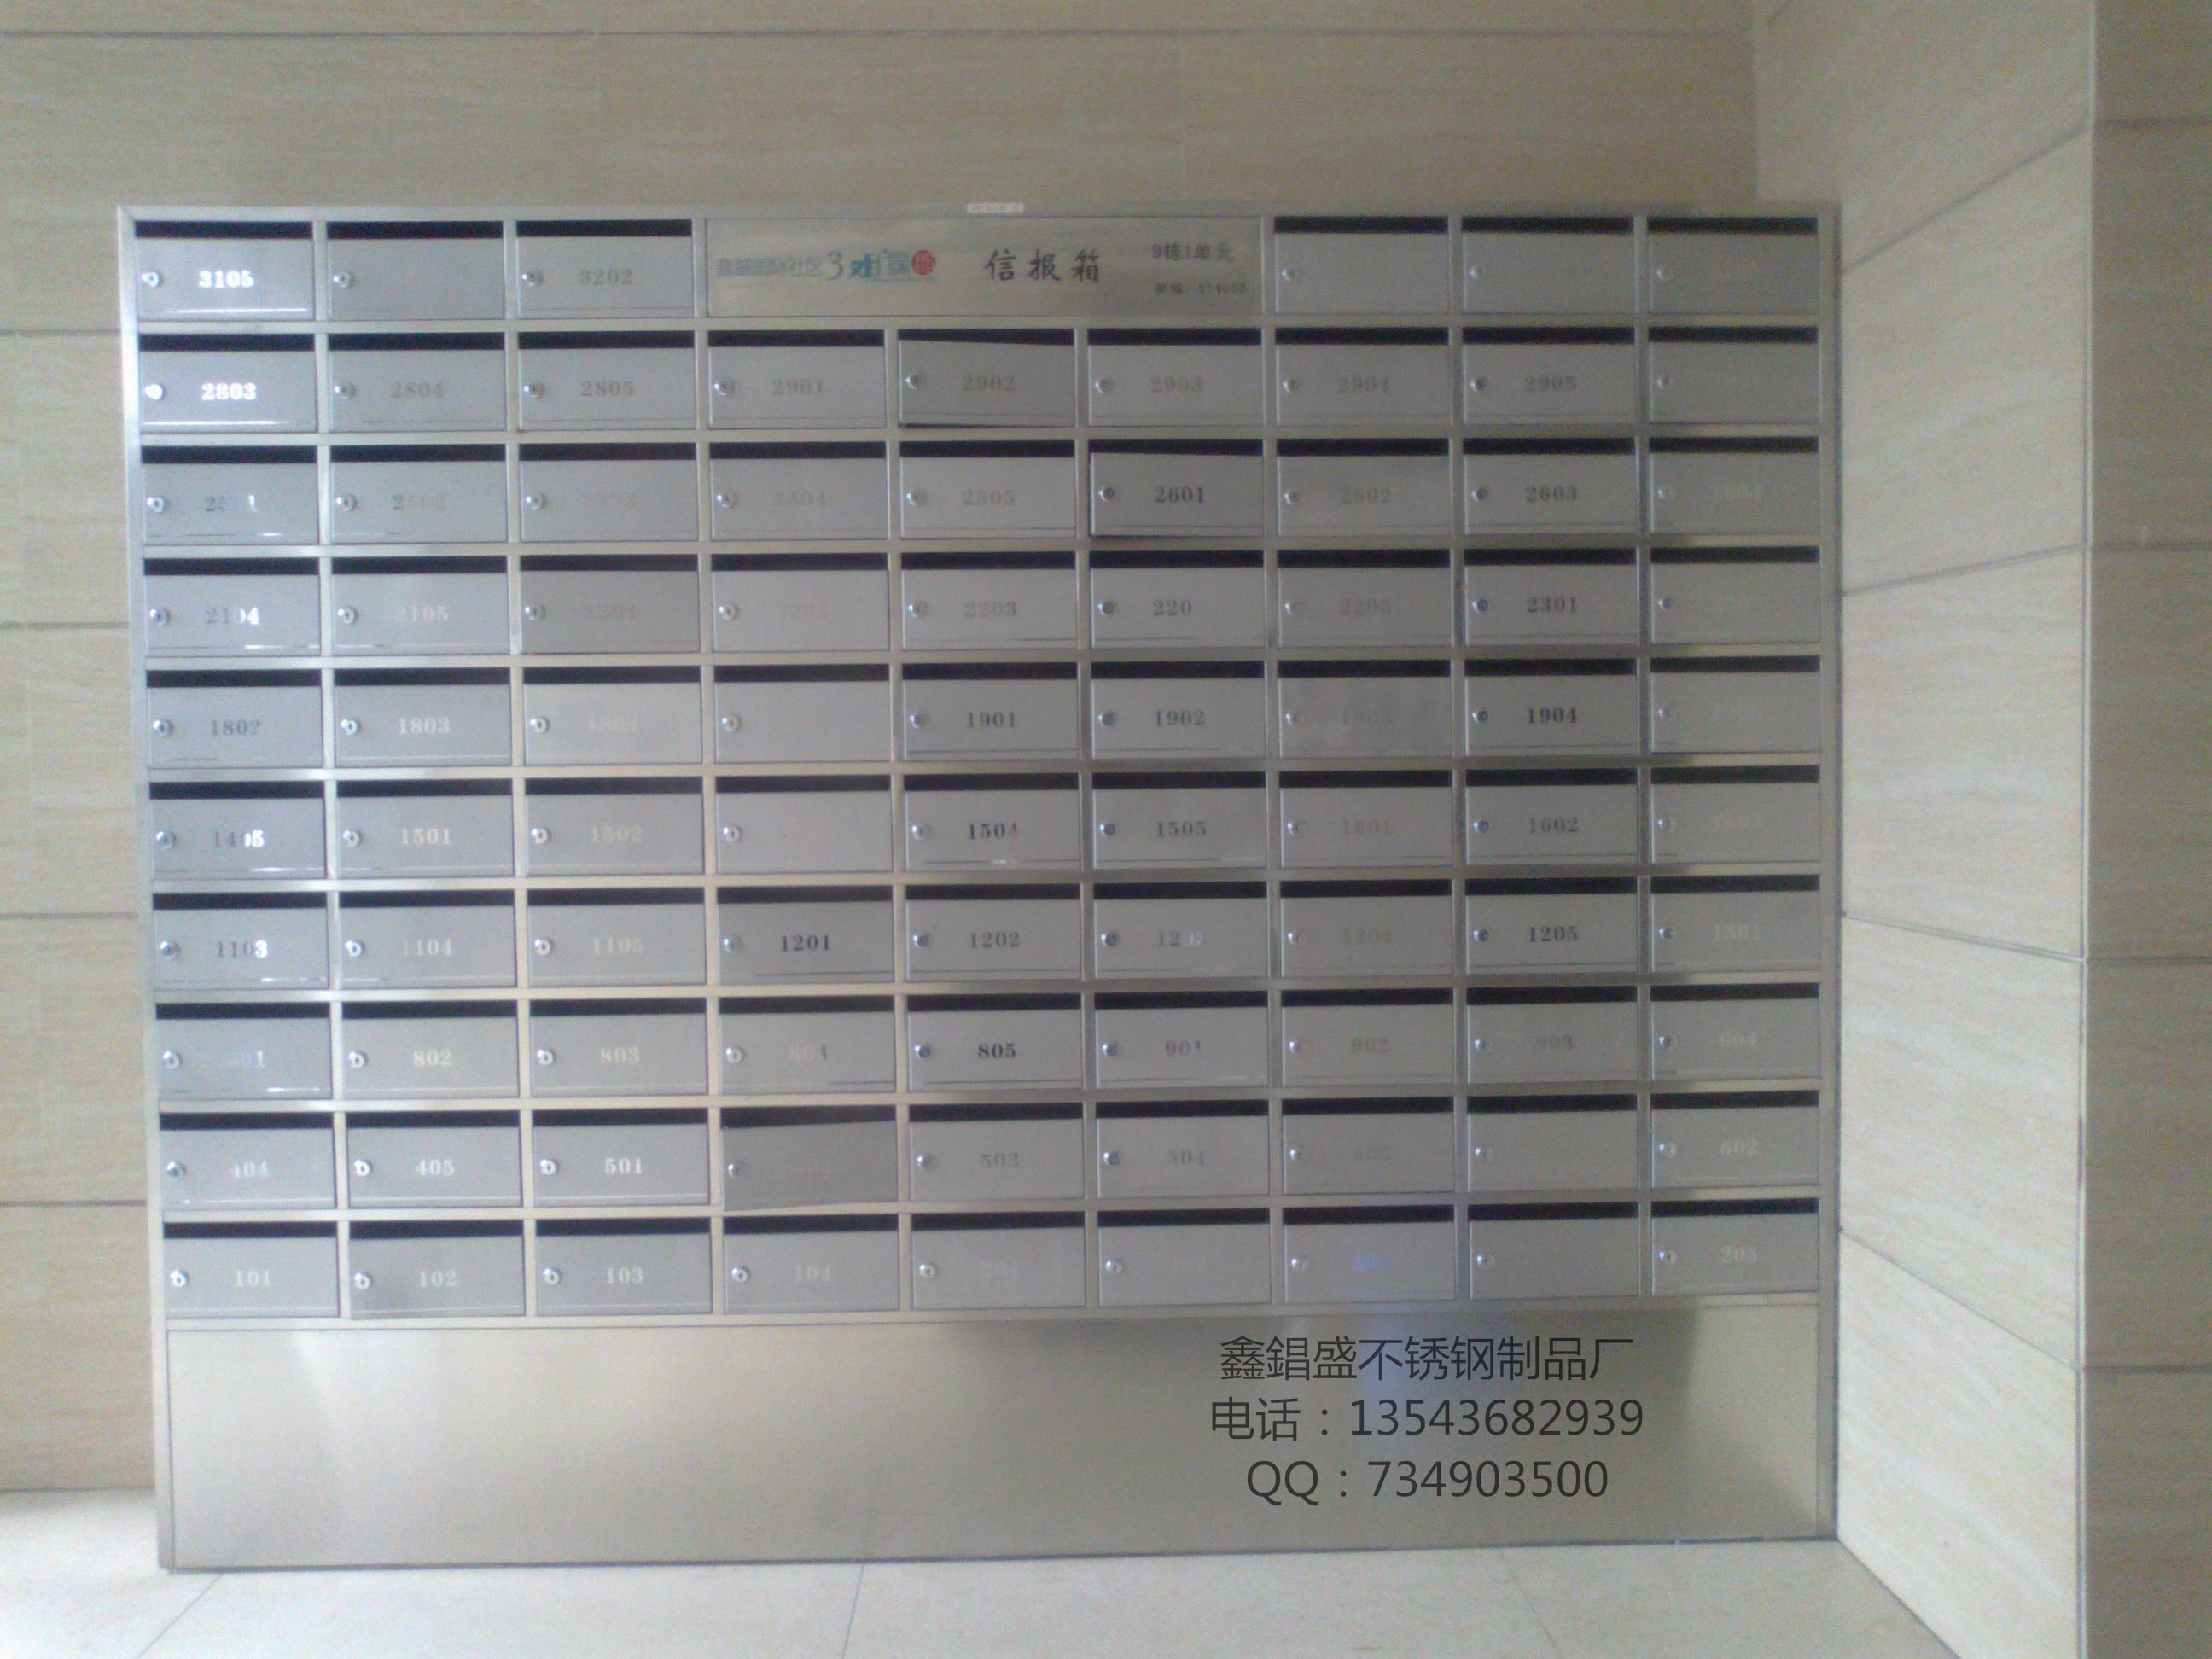 供应不锈钢信报箱厂家订制批发价格,信报箱,信箱,小区信箱,信报箱不锈钢